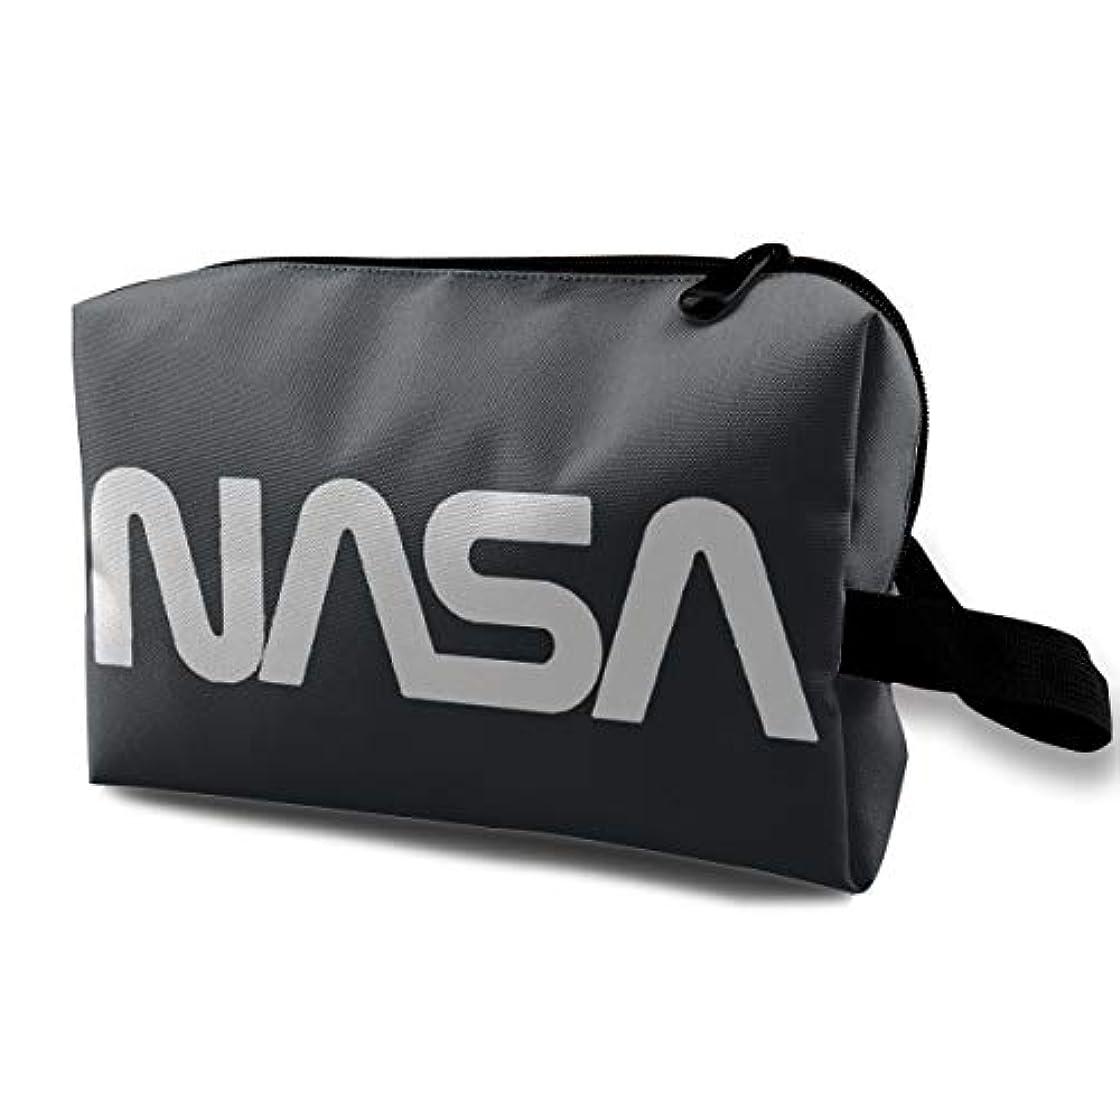 研磨剤くびれたロマンスDSB 化粧ポーチ コンパクト メイクポーチ 化粧バッグ NASA 航空 宇宙 化粧品 収納バッグ コスメポーチ メイクブラシバッグ 旅行用 大容量